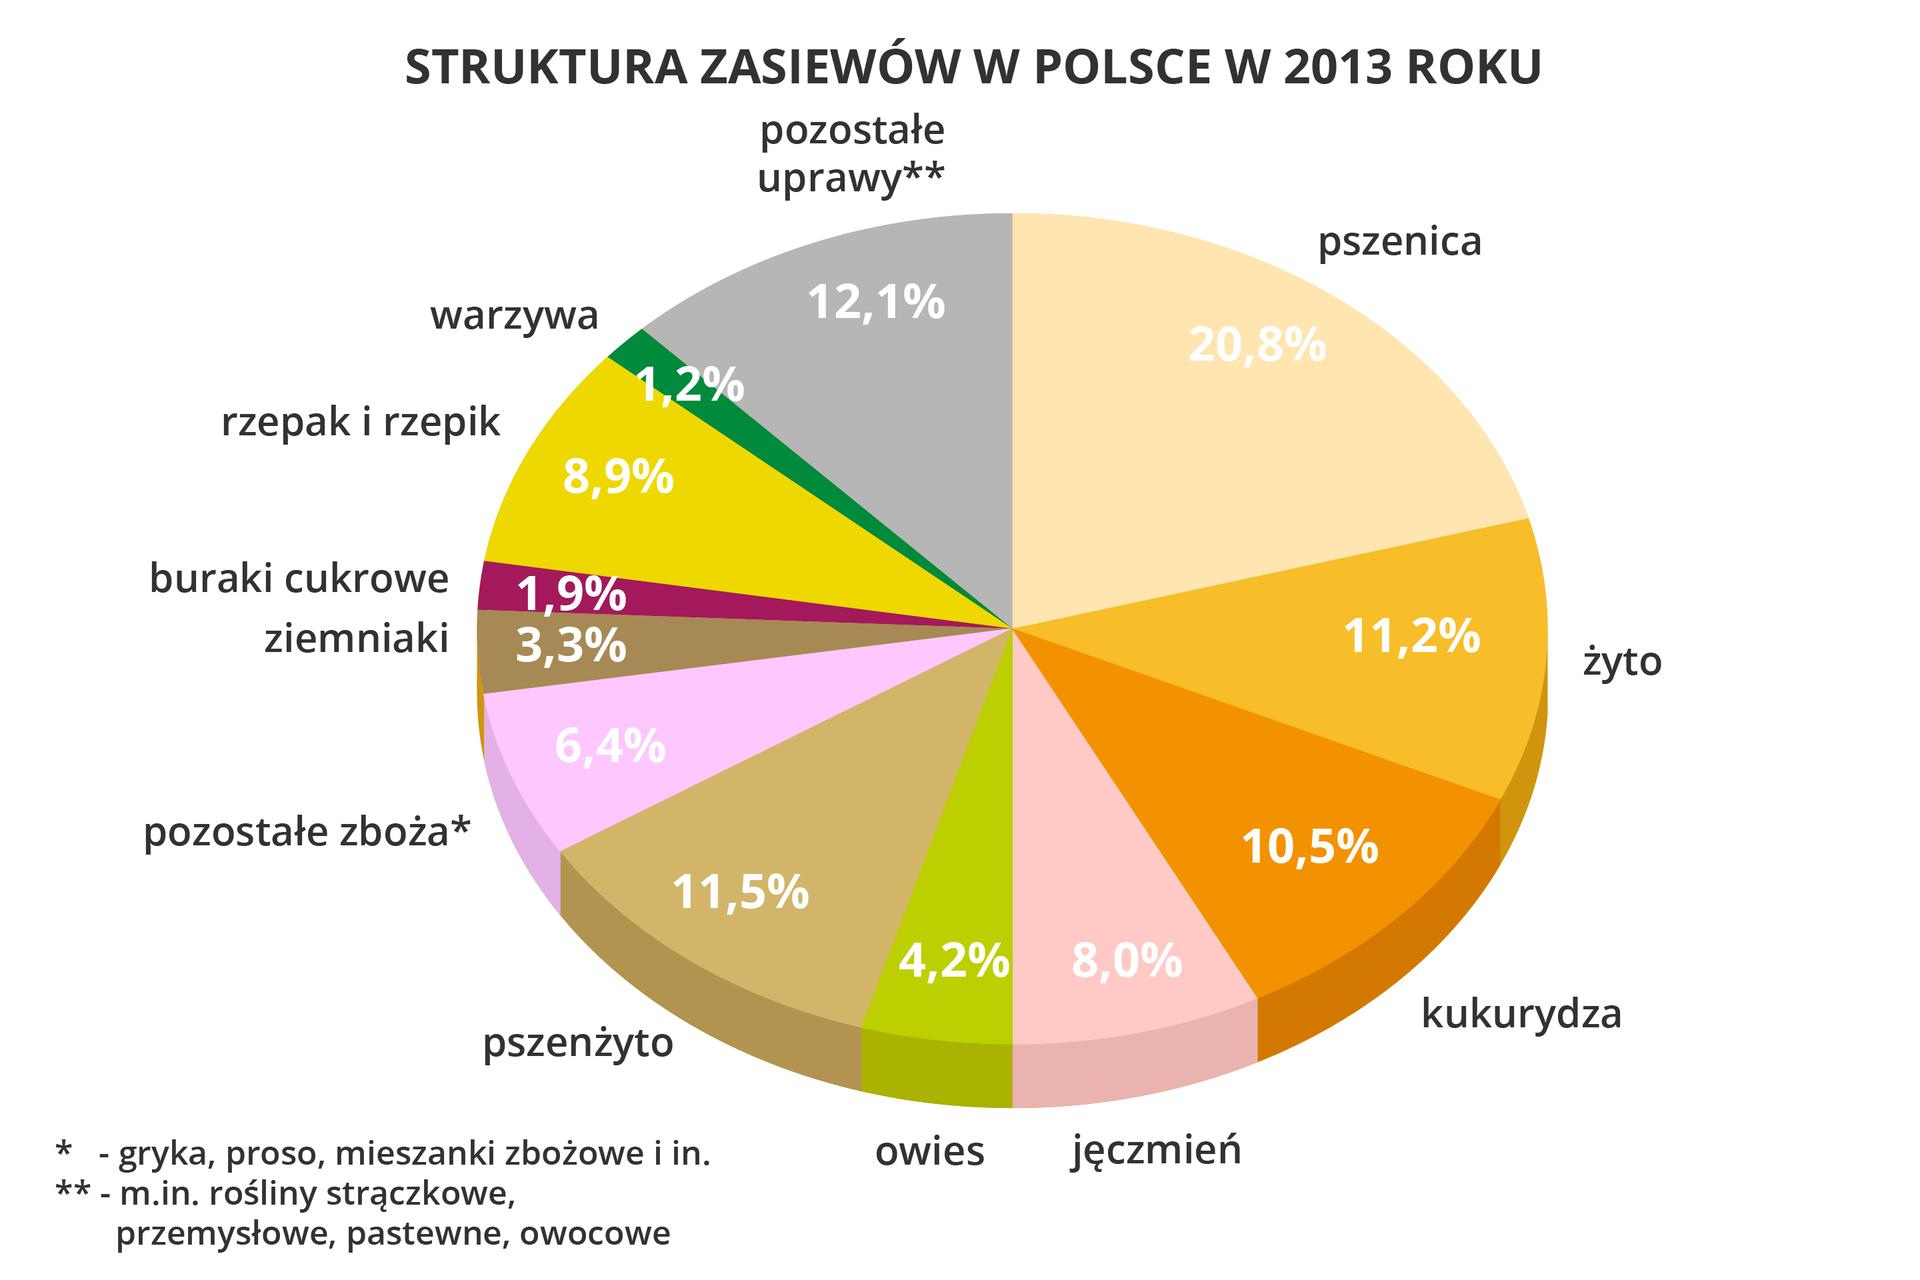 Na ilustracji diagram kołowy struktury zasiewów wPolsce w2013 roku. Pszenica20,80%Żyto11,20%Kukurydza10,50%Jęczmień8,00%Owies4,20%Pszenżyto11,50%Pozostałe zboża(gryka, proso,mieszanki zbożowe)6,40%Ziemniaki3,30%Buraki cukrowe1,90%Rzepak irzepik8,90%Warzywa1,20%Pozostałe(strączkowe, przemysłowe,owocowe, pastewne)12,10%